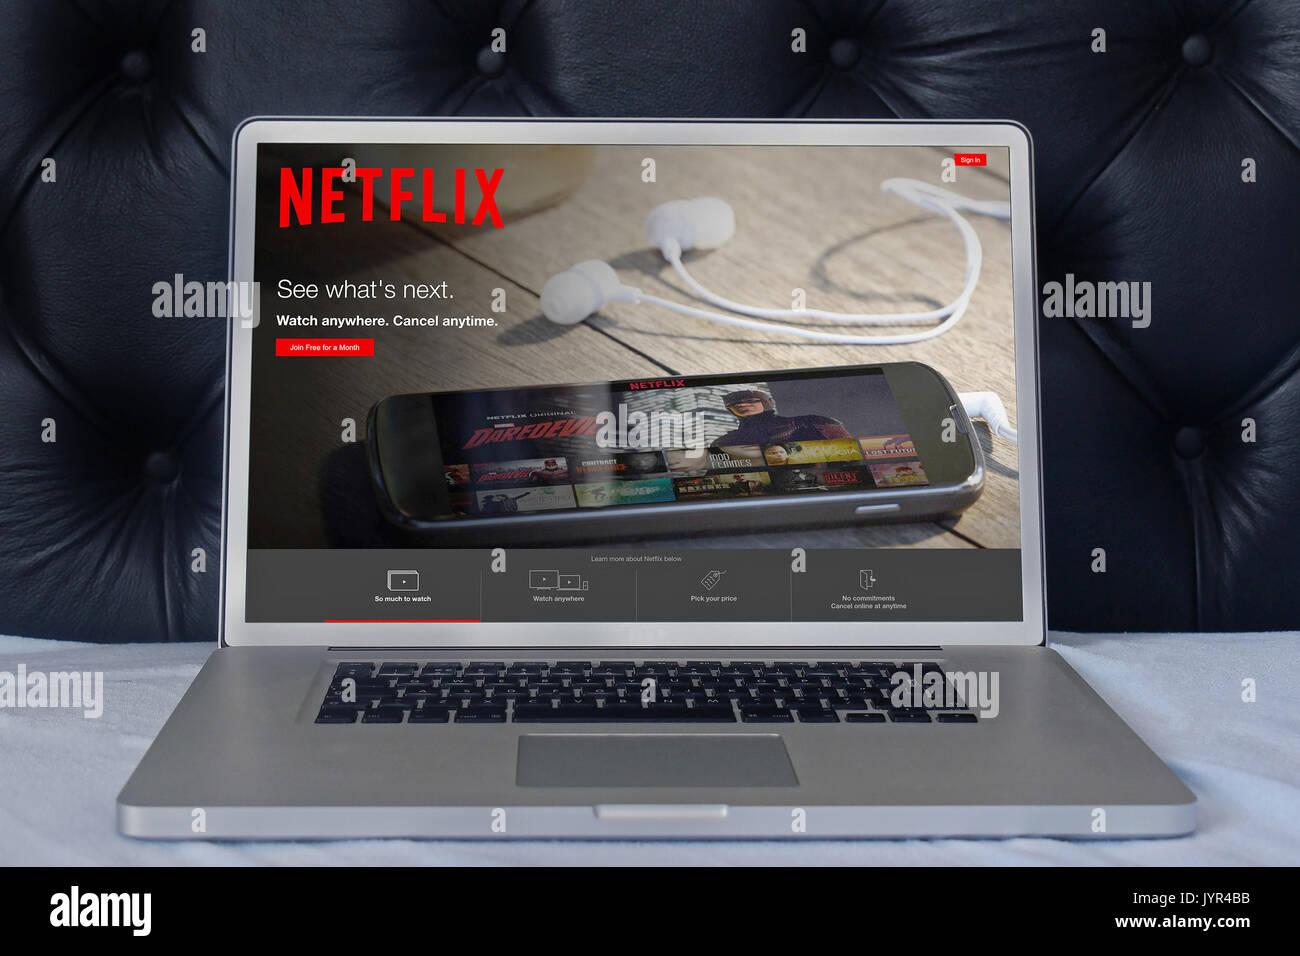 LONDON, Regno Unito - 02 Giugno 2015: Netflix pagina web su schermo di computer portatile in casa camera da letto. Netflix è un fornitore globale di streaming di filmati e T Immagini Stock